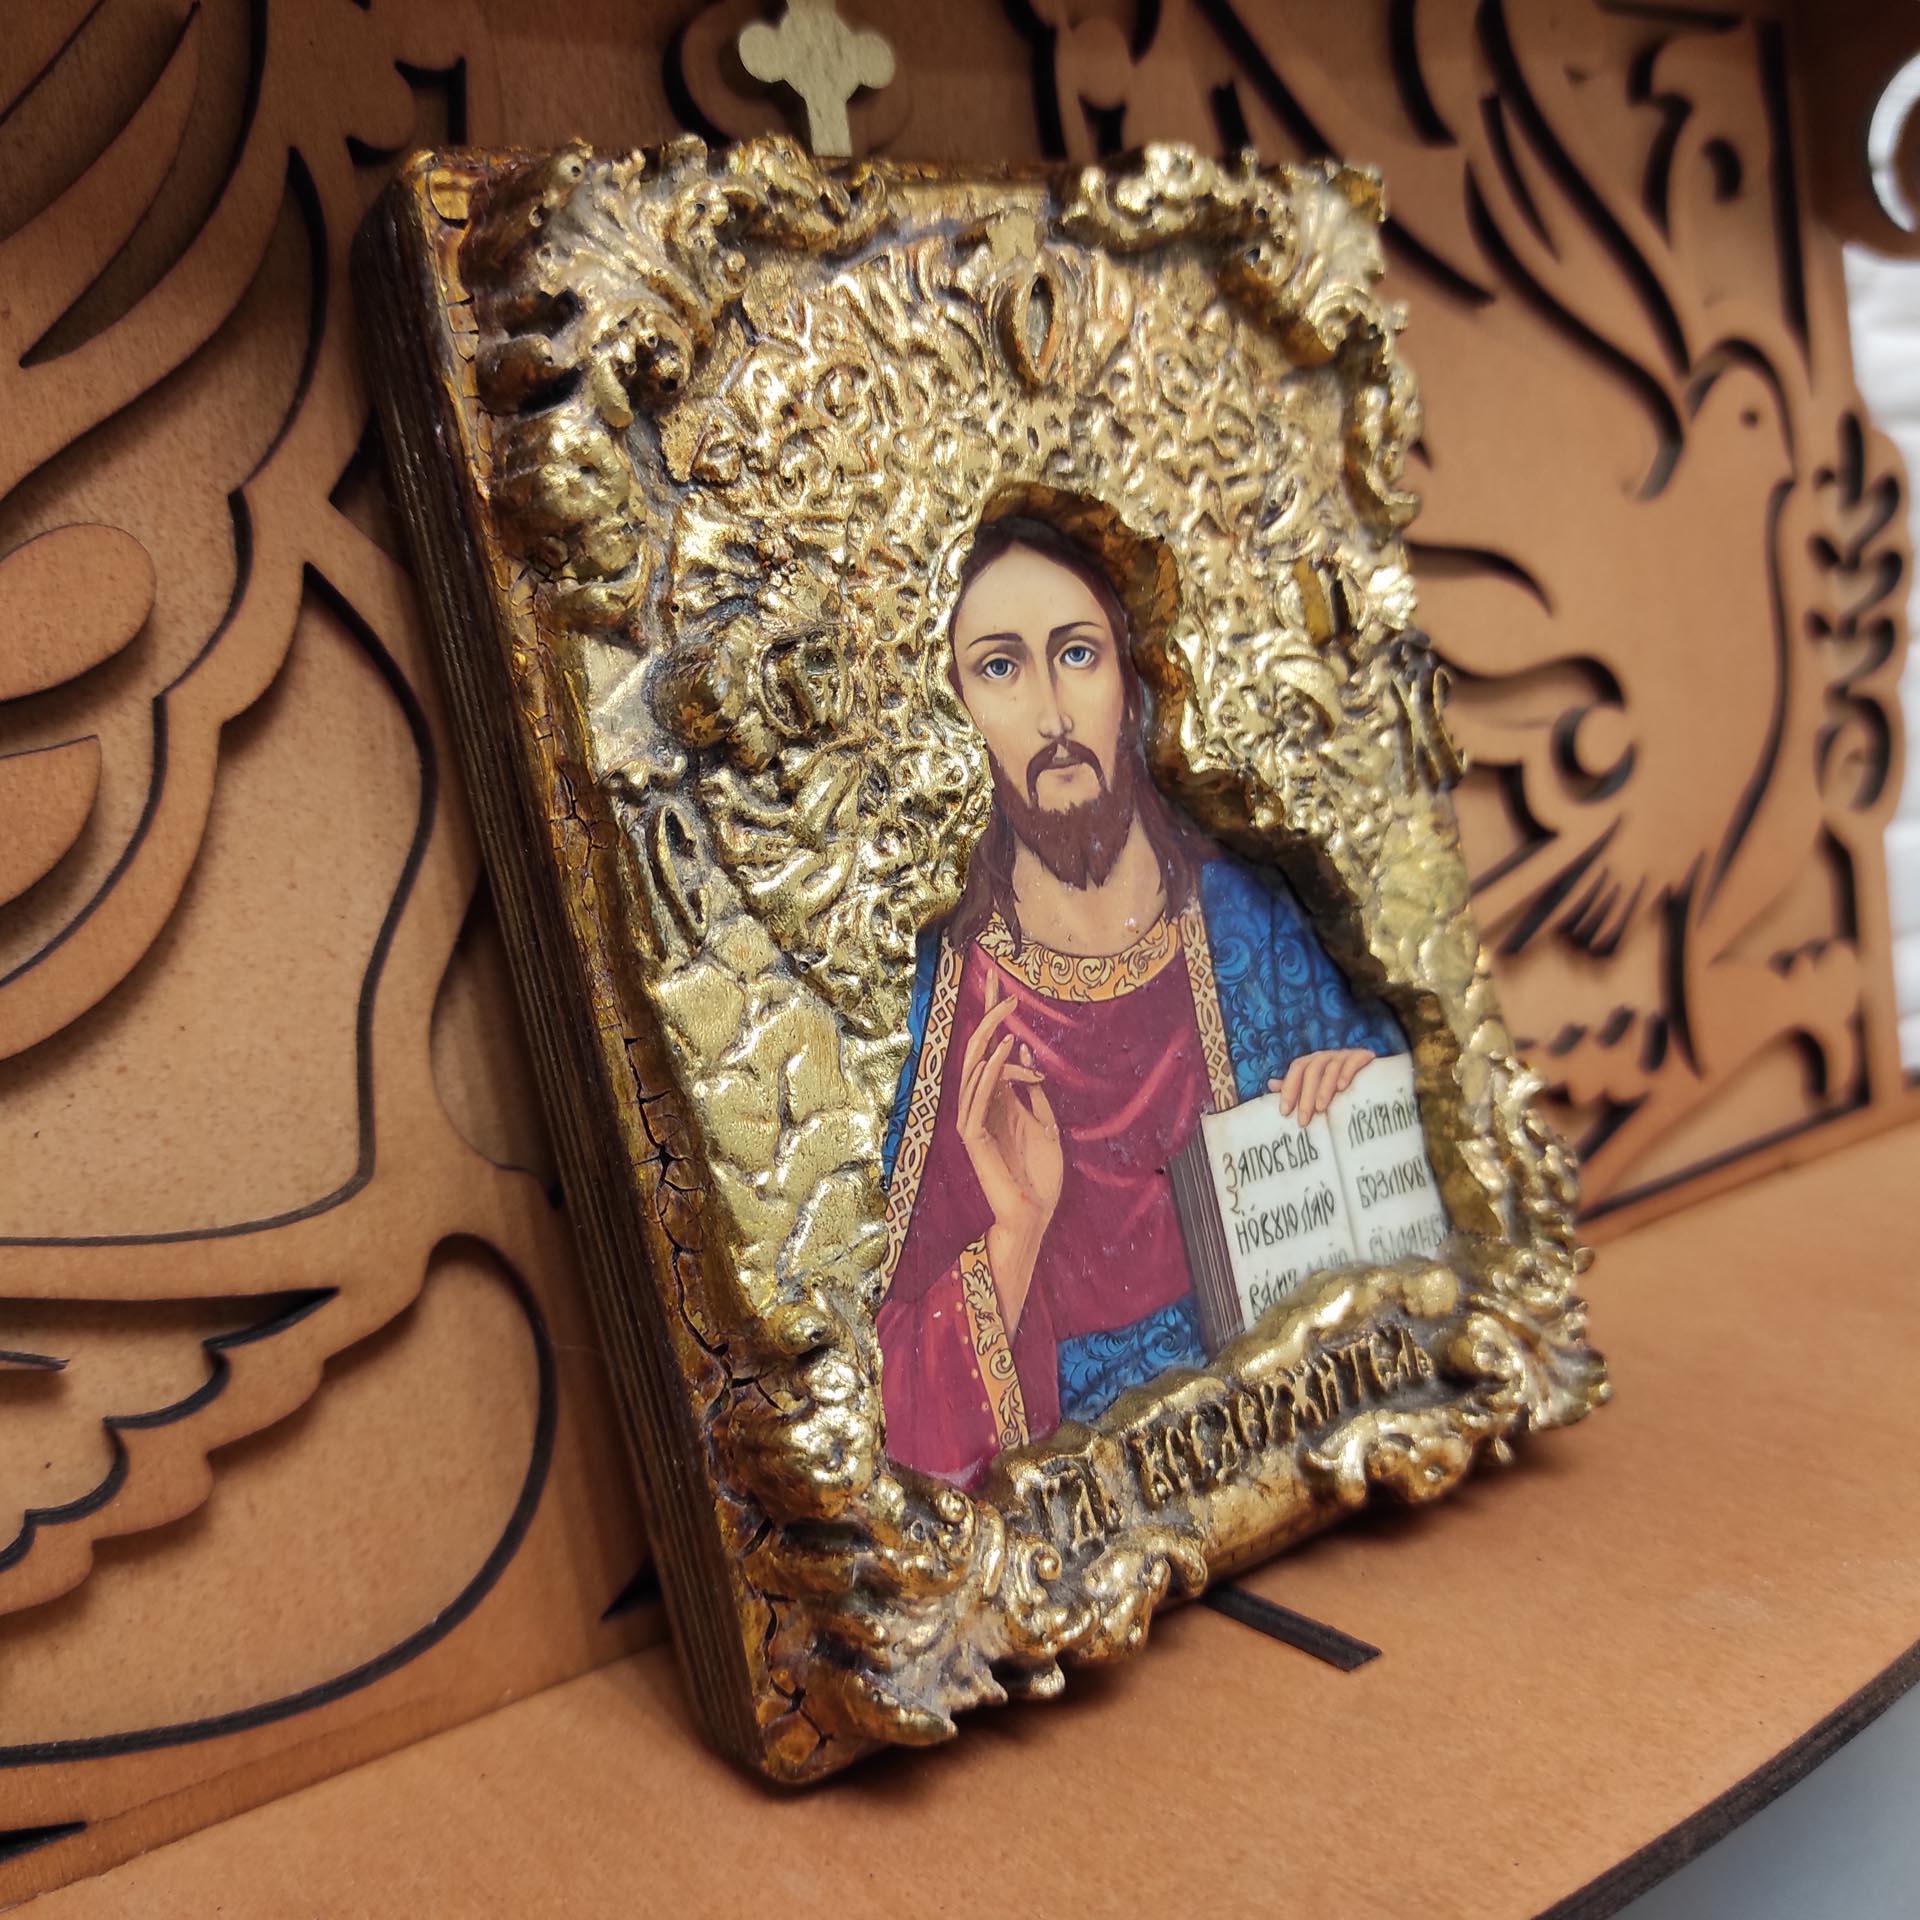 Фотография на полочке маленькой иконки Господа Вседержителя